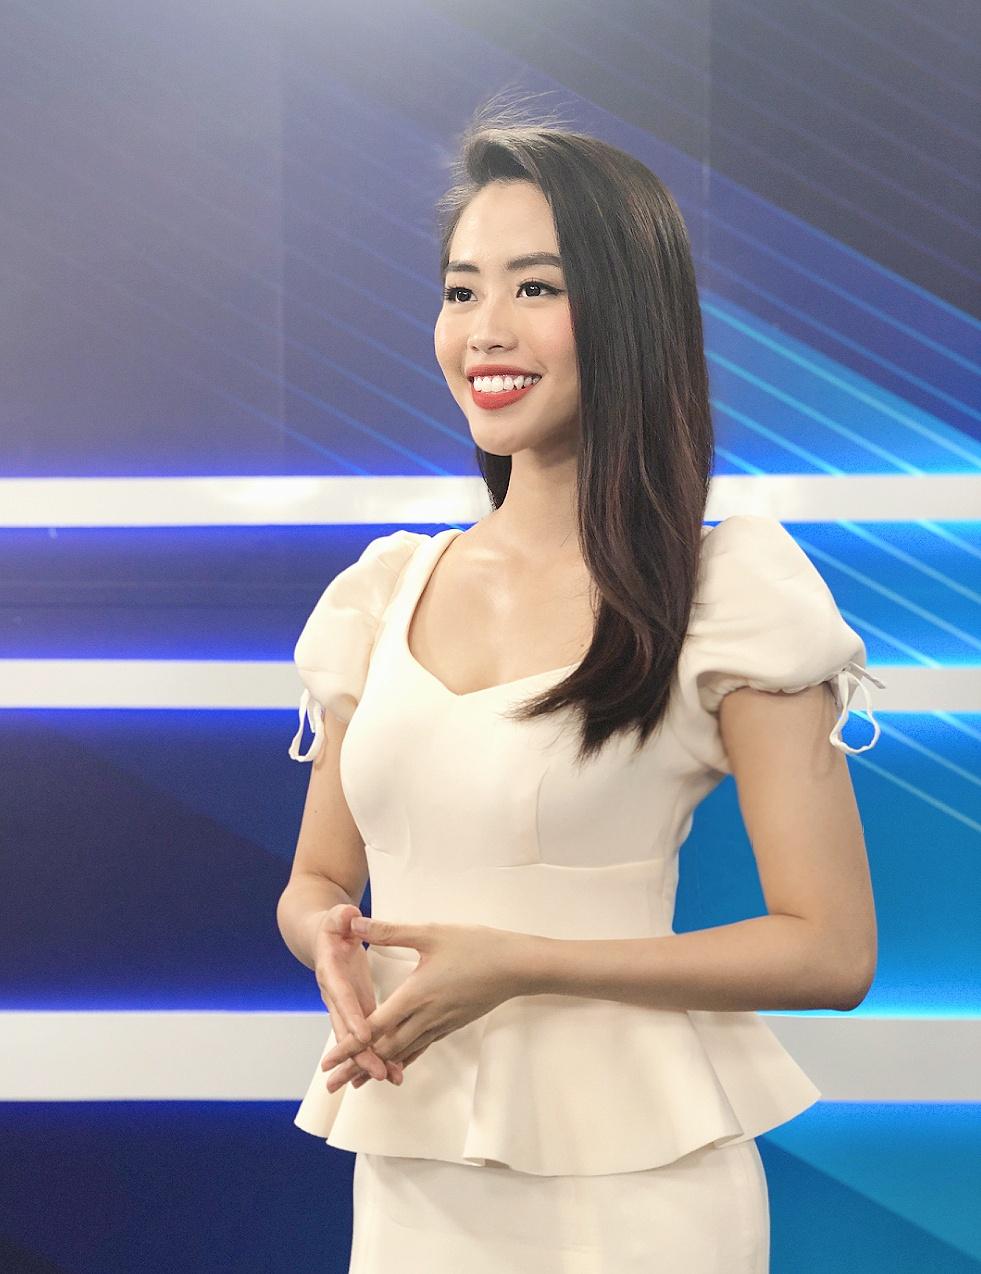 Nữ MC truyền hình 22 tuổi thi HHVN 2020: Các bạn đua theo xu hướng Kpop hay Âu Mỹ, mình chỉ chuộng style đơn giản chuẩn chỉnh tác phong nhà đài - Ảnh 11.